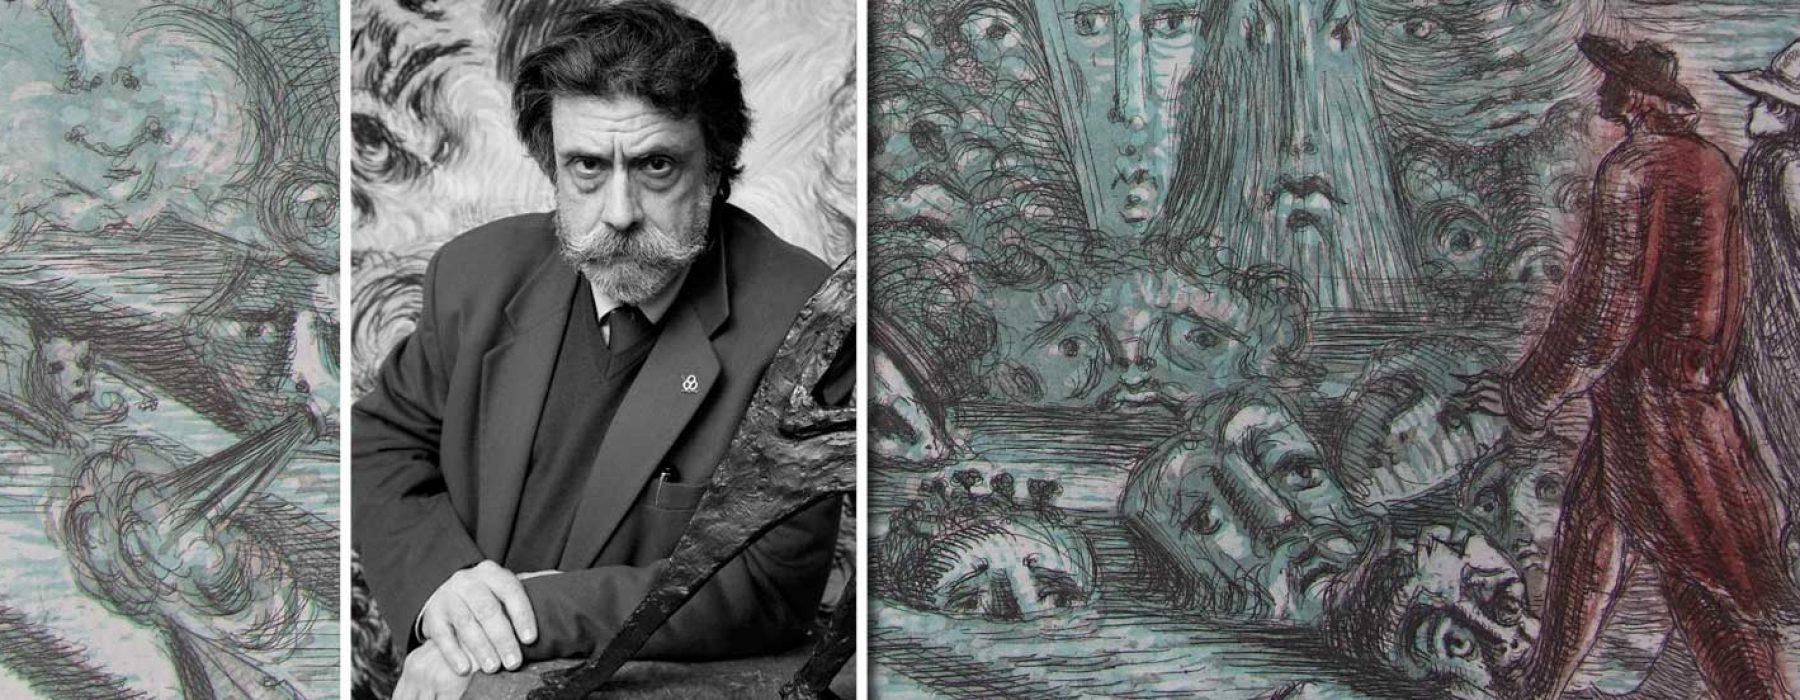 L'essenza dell'arte e della cultura Italiana in un Maestro